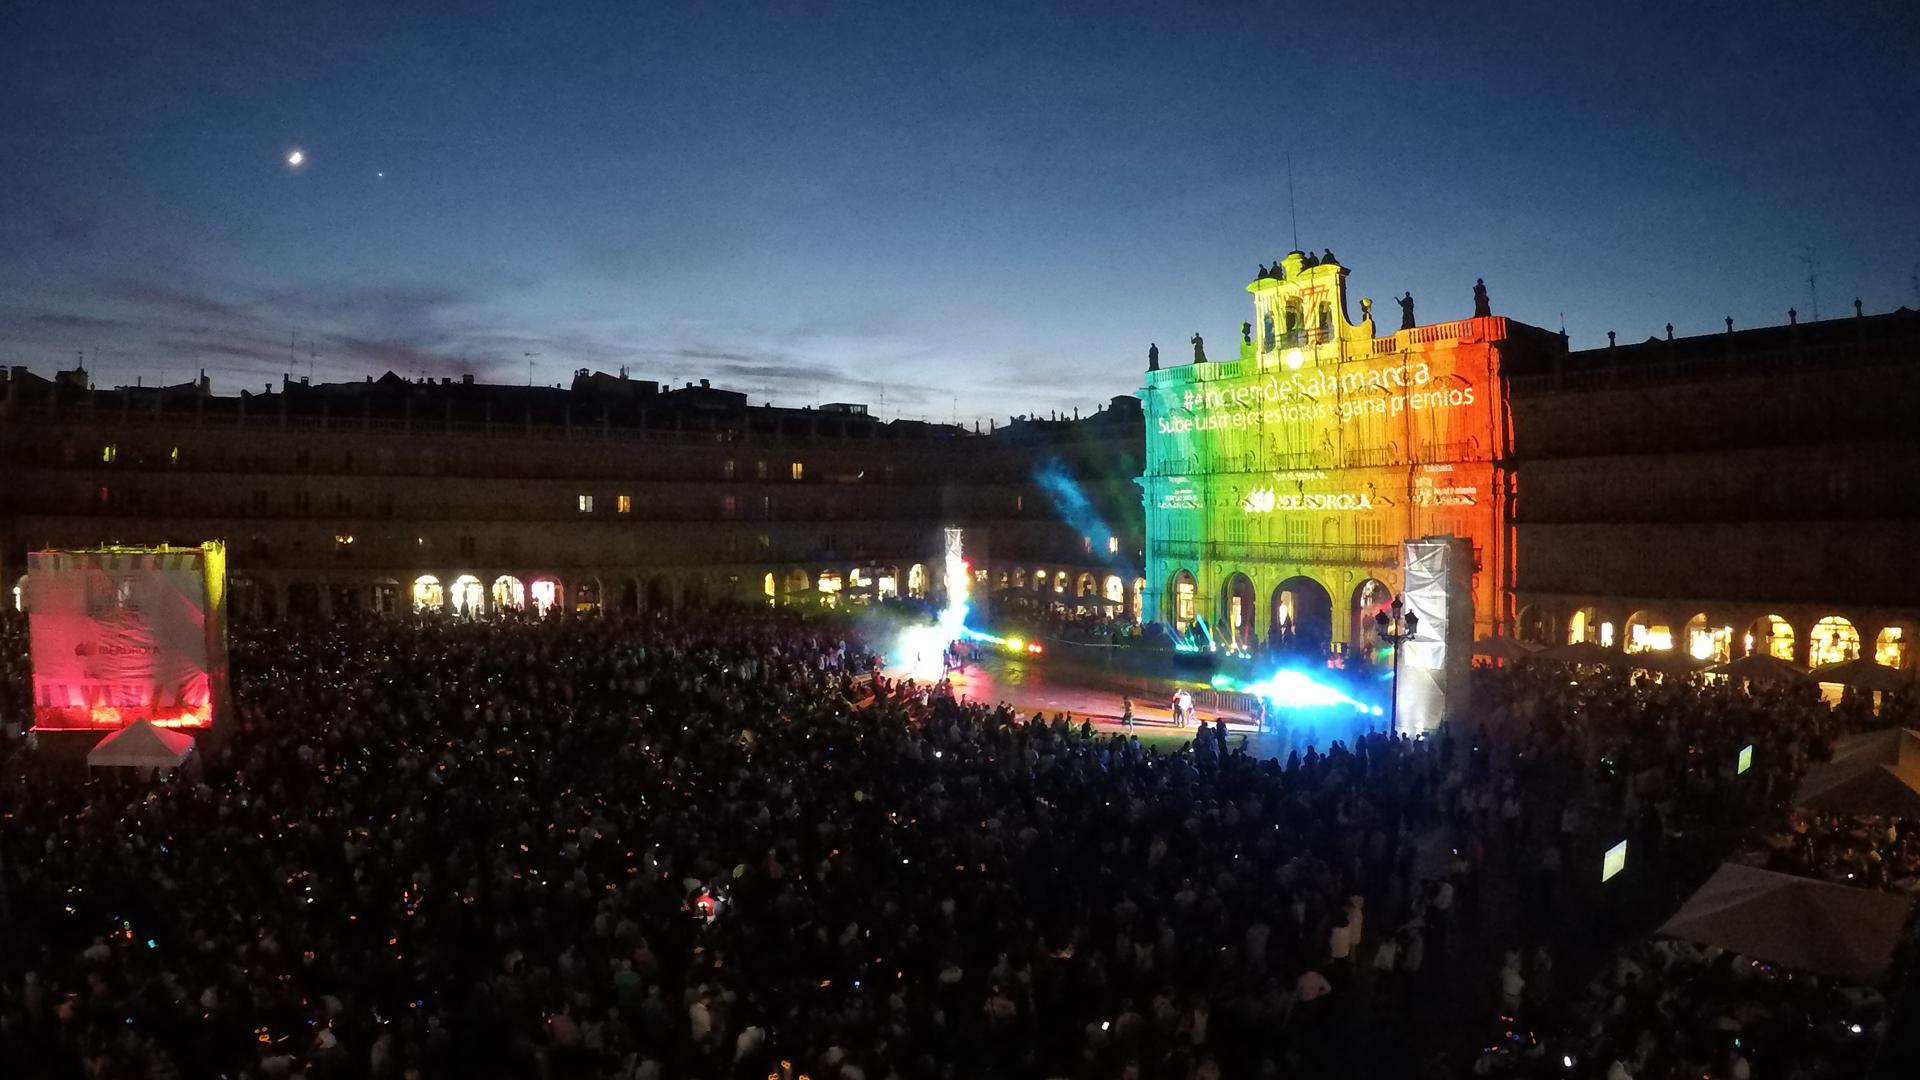 """ภาพบรรยากาศงาน """"Luz y Vanguardias"""" โซนหลักของเทศกาล ที่งาน """"LIFE"""" แสดง ณ พลาซามายอร์"""